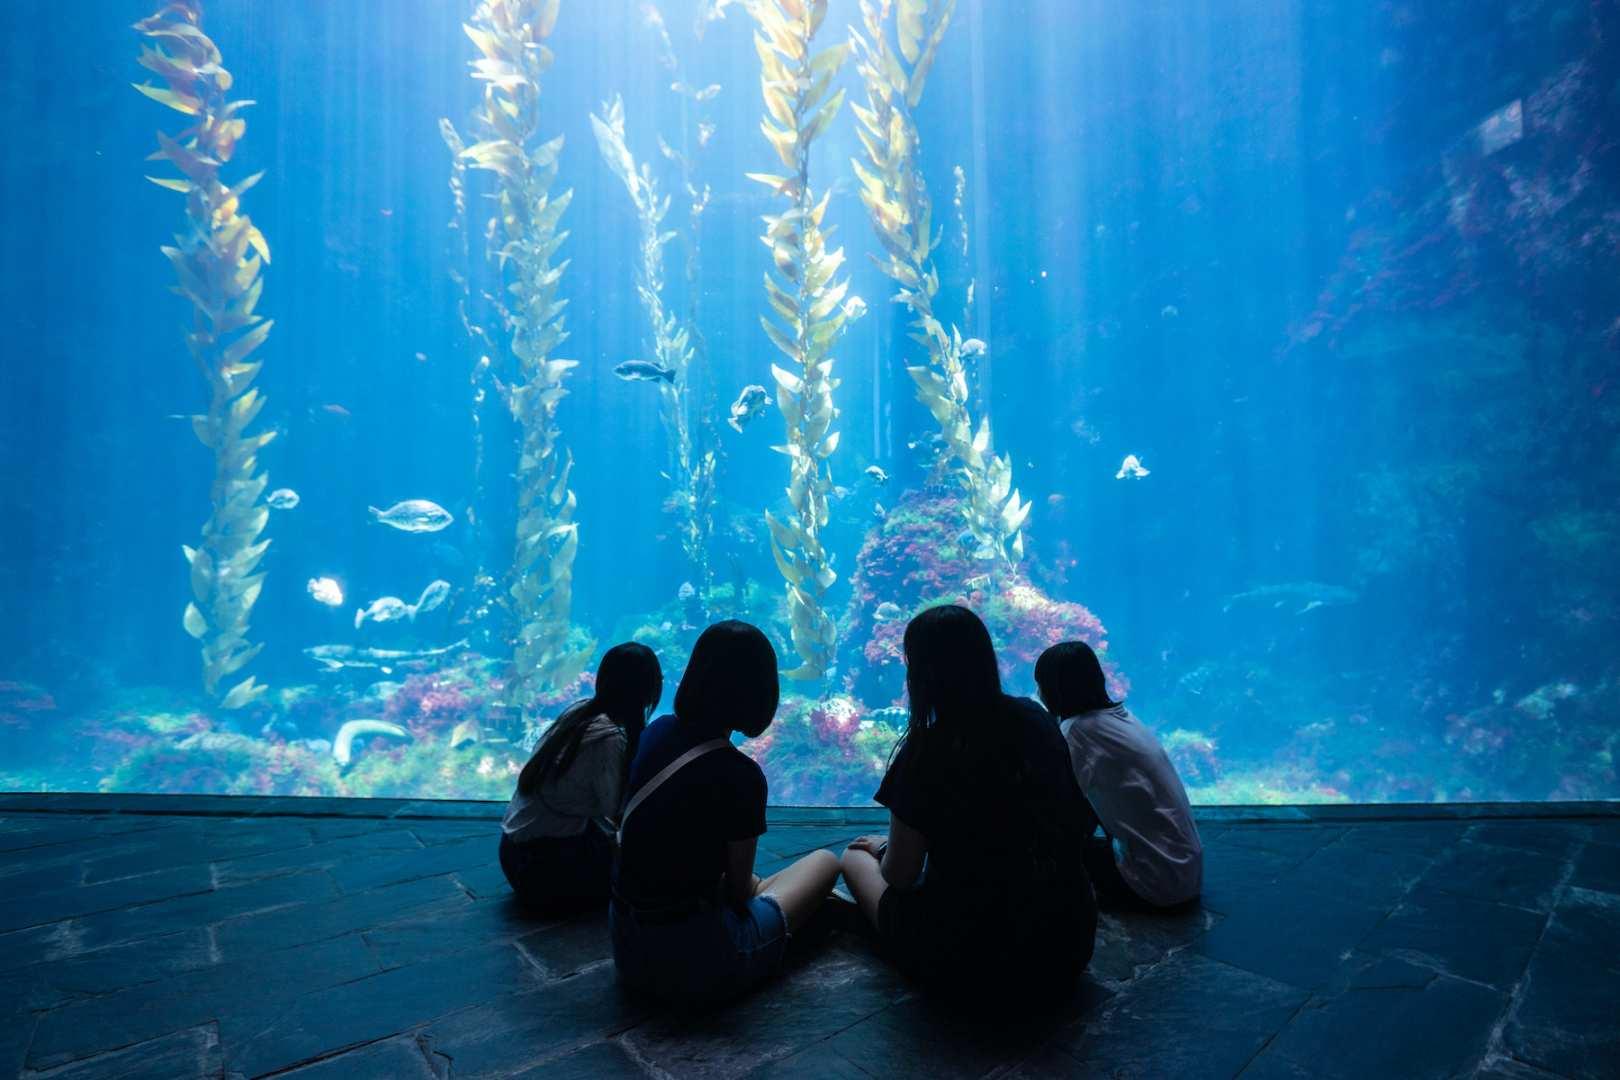 【割引価格】台湾屏東・墾丁 国立海洋生物博物館 割引入場チケット 台湾最大の水族館